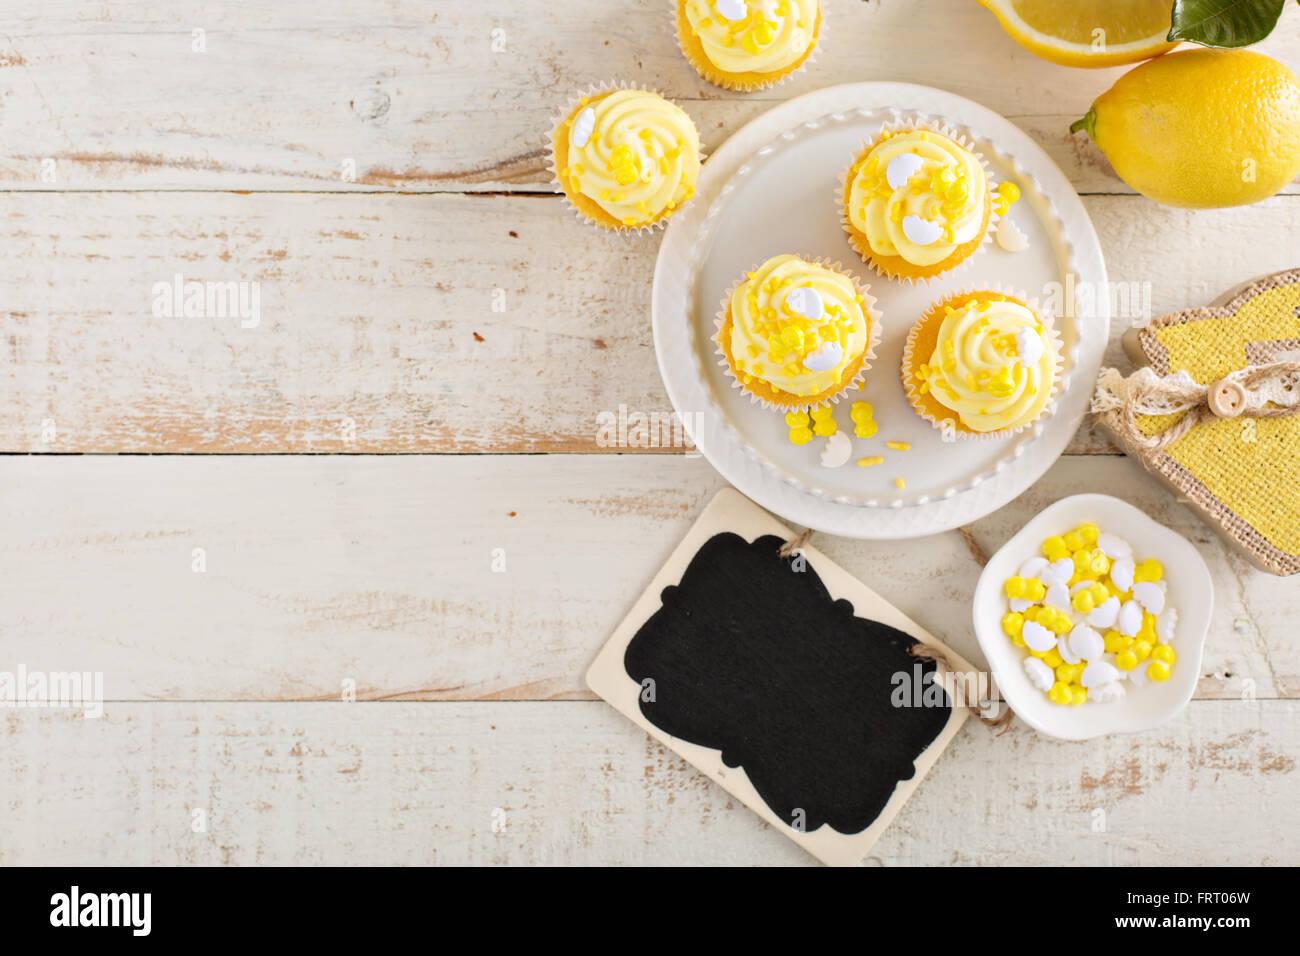 Cupcakes au citron pour Pâques Photo Stock